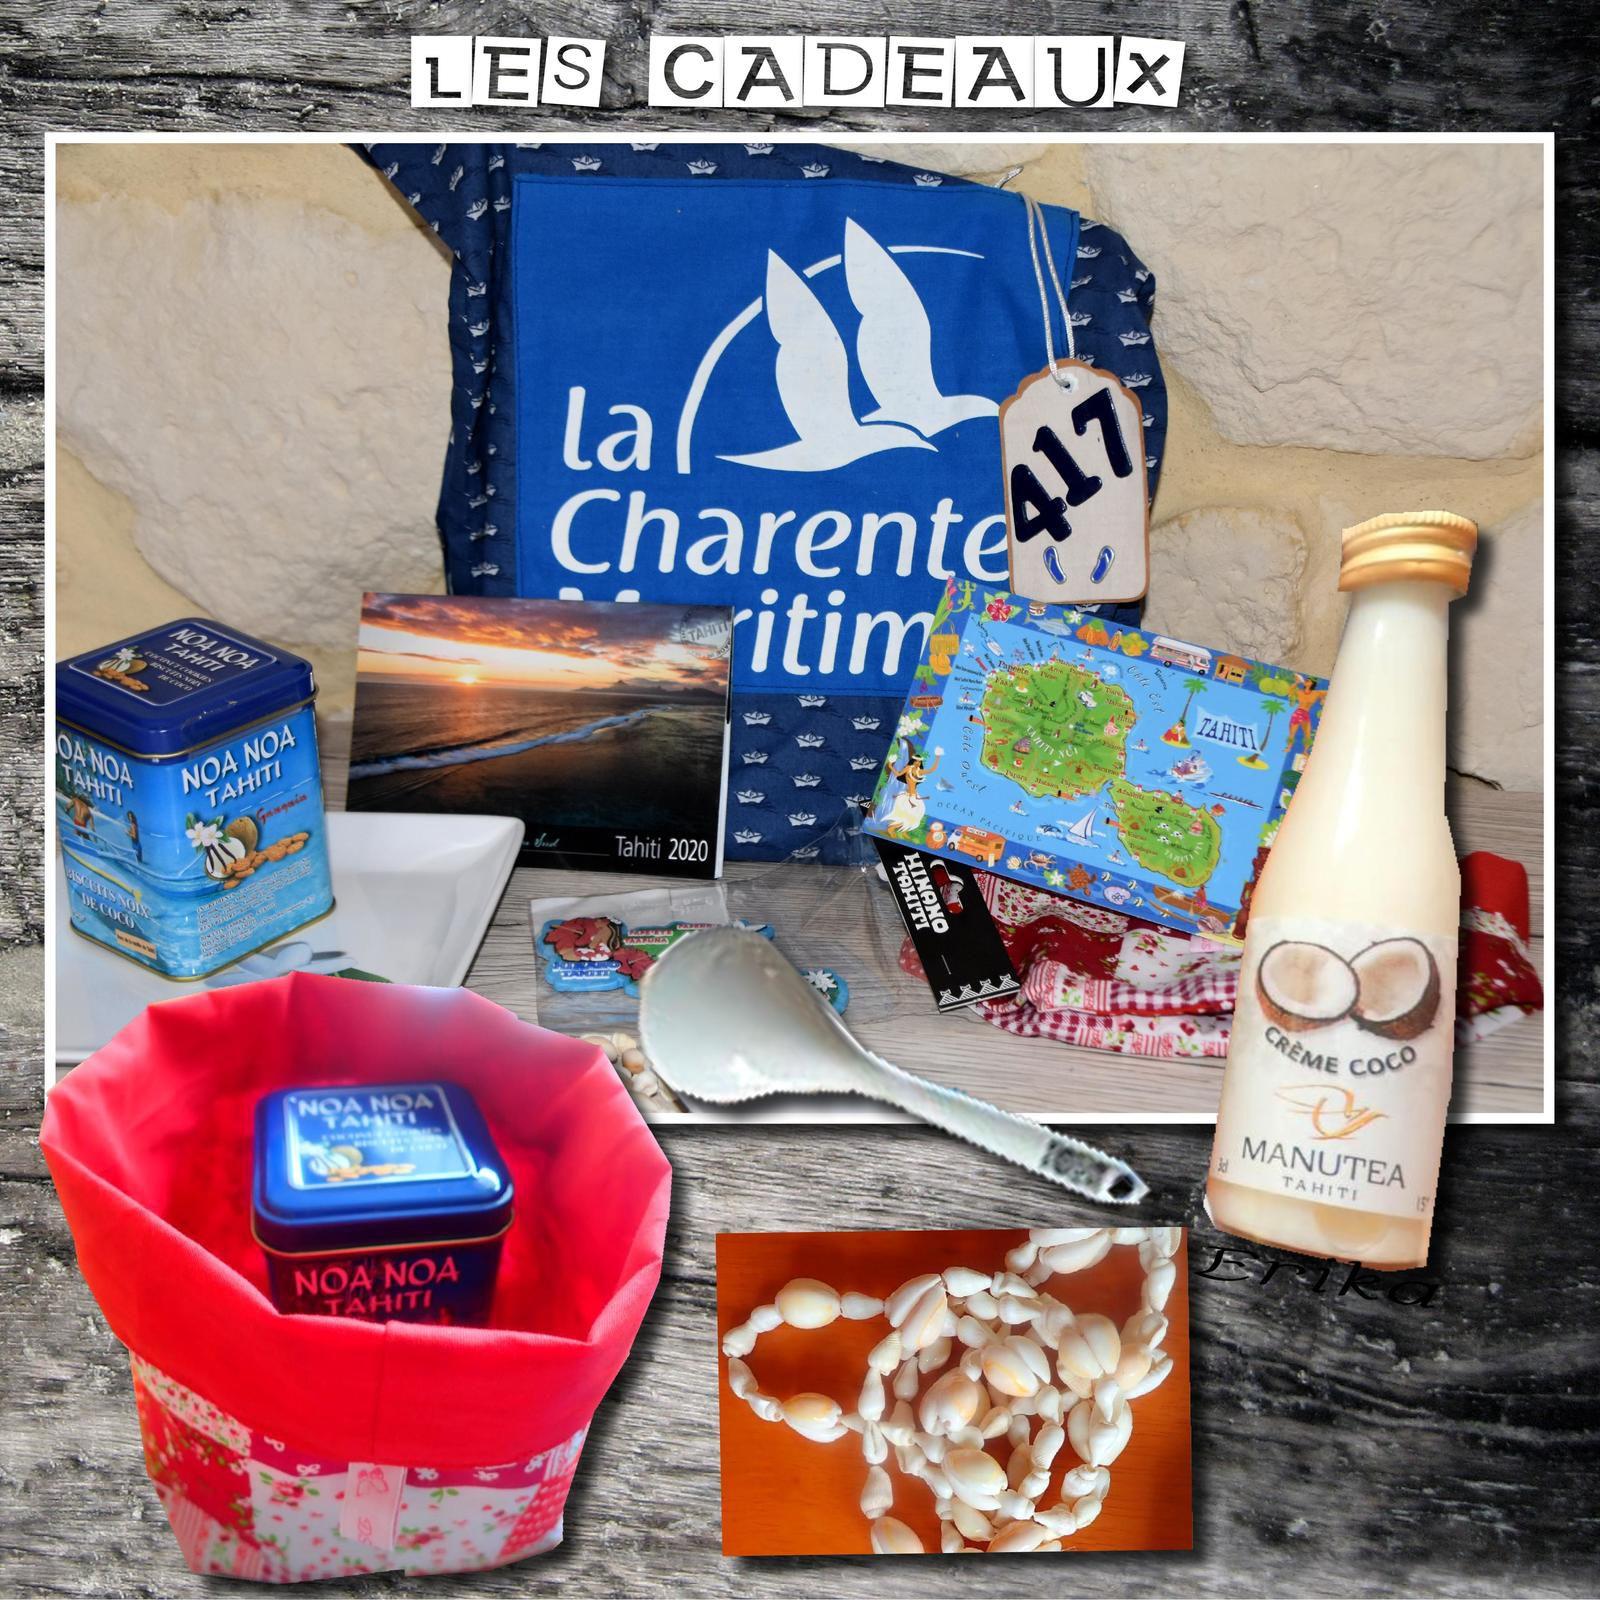 Sac Charente Maritime n° 417 dans la Drôme...